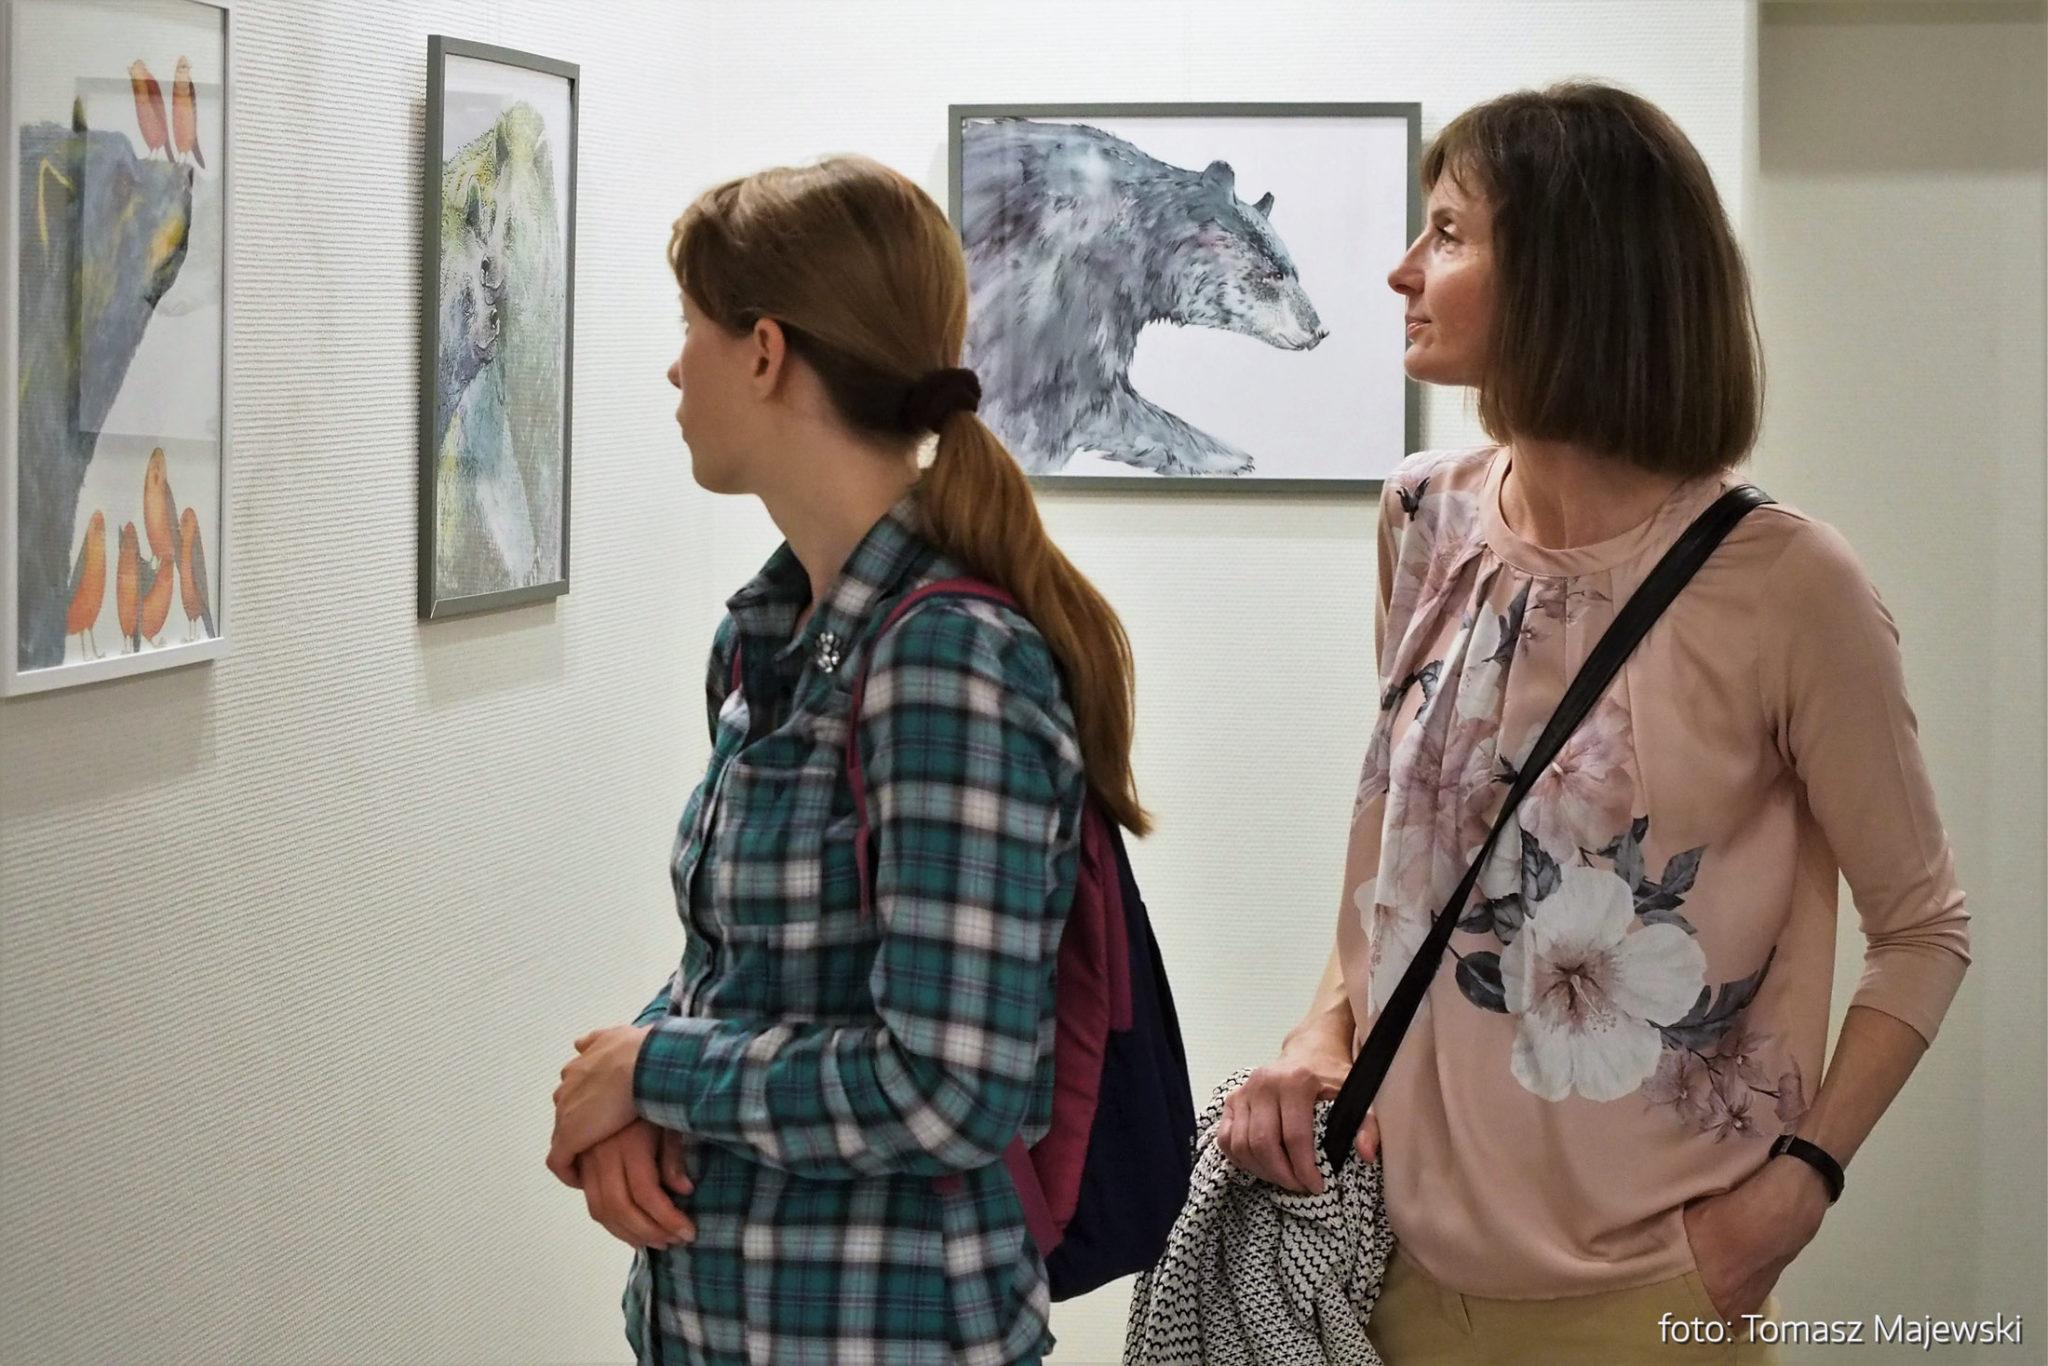 Galeria – Fot. Tomasz Majewski Galeria MPS przyciąga wielu miłośników sztuki. Zatrudnieni w MPS chwalą sobie możliwość odwiedzenia galerii w drodze do pracy.